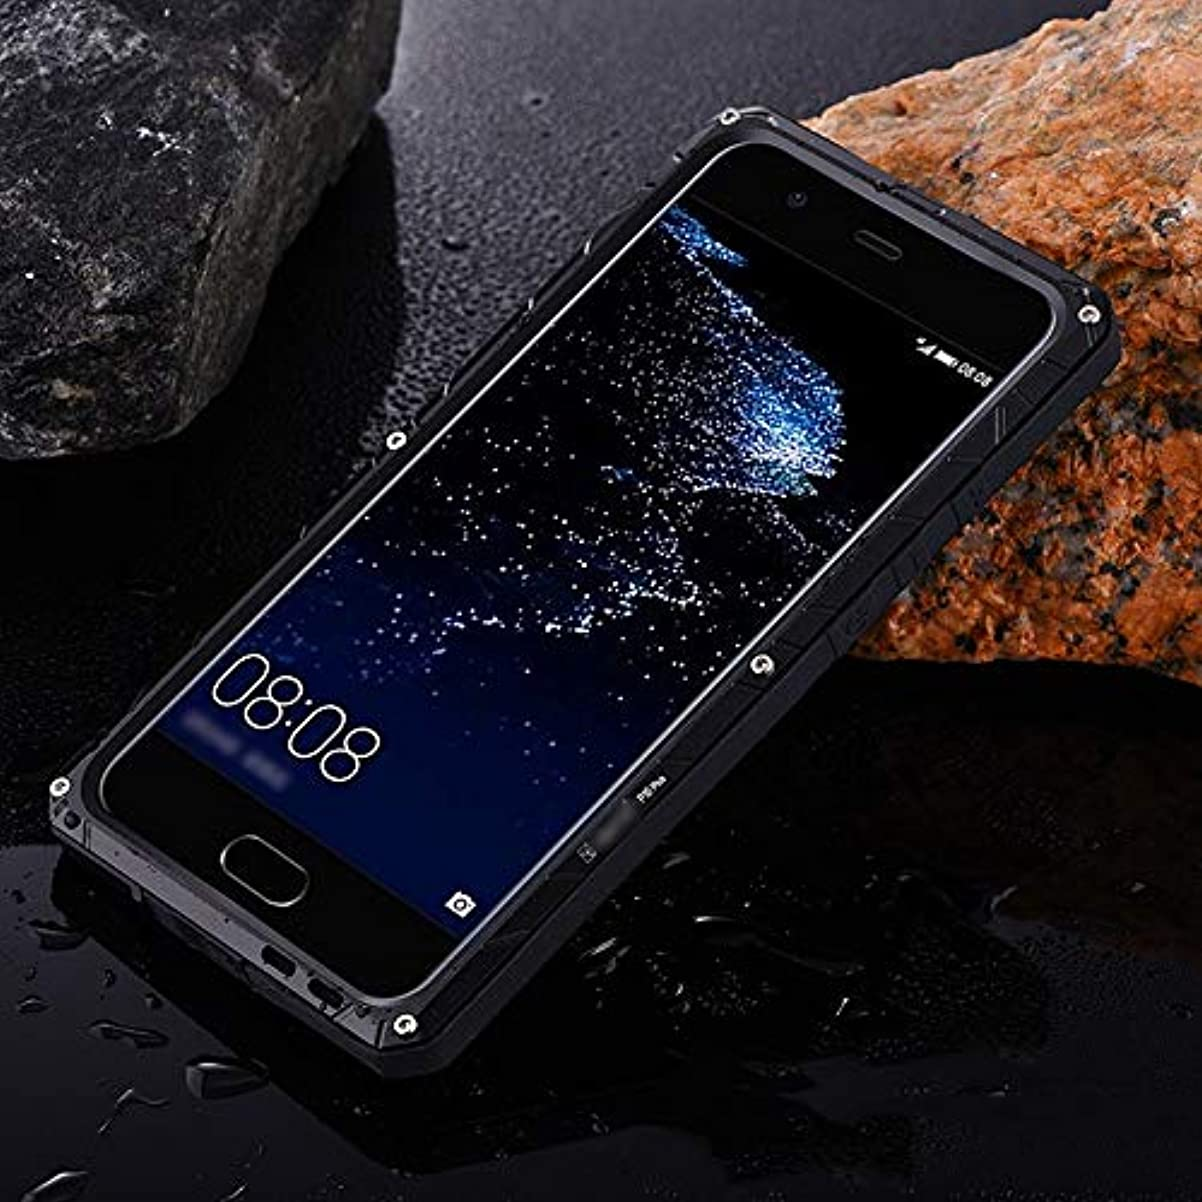 使い込む役に立つボイラーTonglilili 携帯電話ケース、Huawei P20、P20 Pro、P10 Plus、Mate10、Mate10 Pro、Mate9用の3つのアンチシェル電話ケース (Color : 黒, Edition : Mate10)